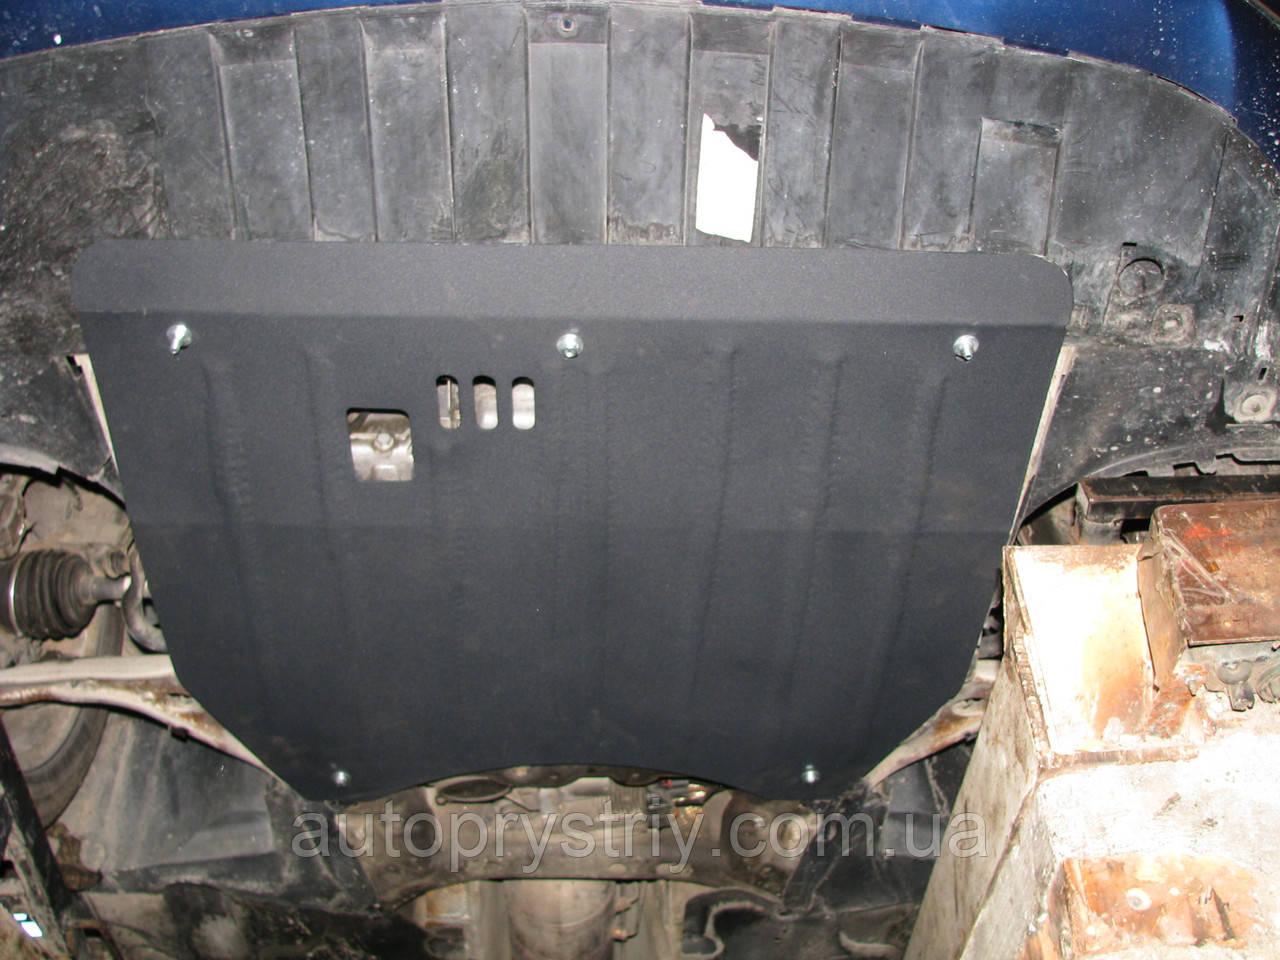 Защита двигателя и КПП Mercedes B-Class 180 (W246) (2011--) автомат 1.8 D